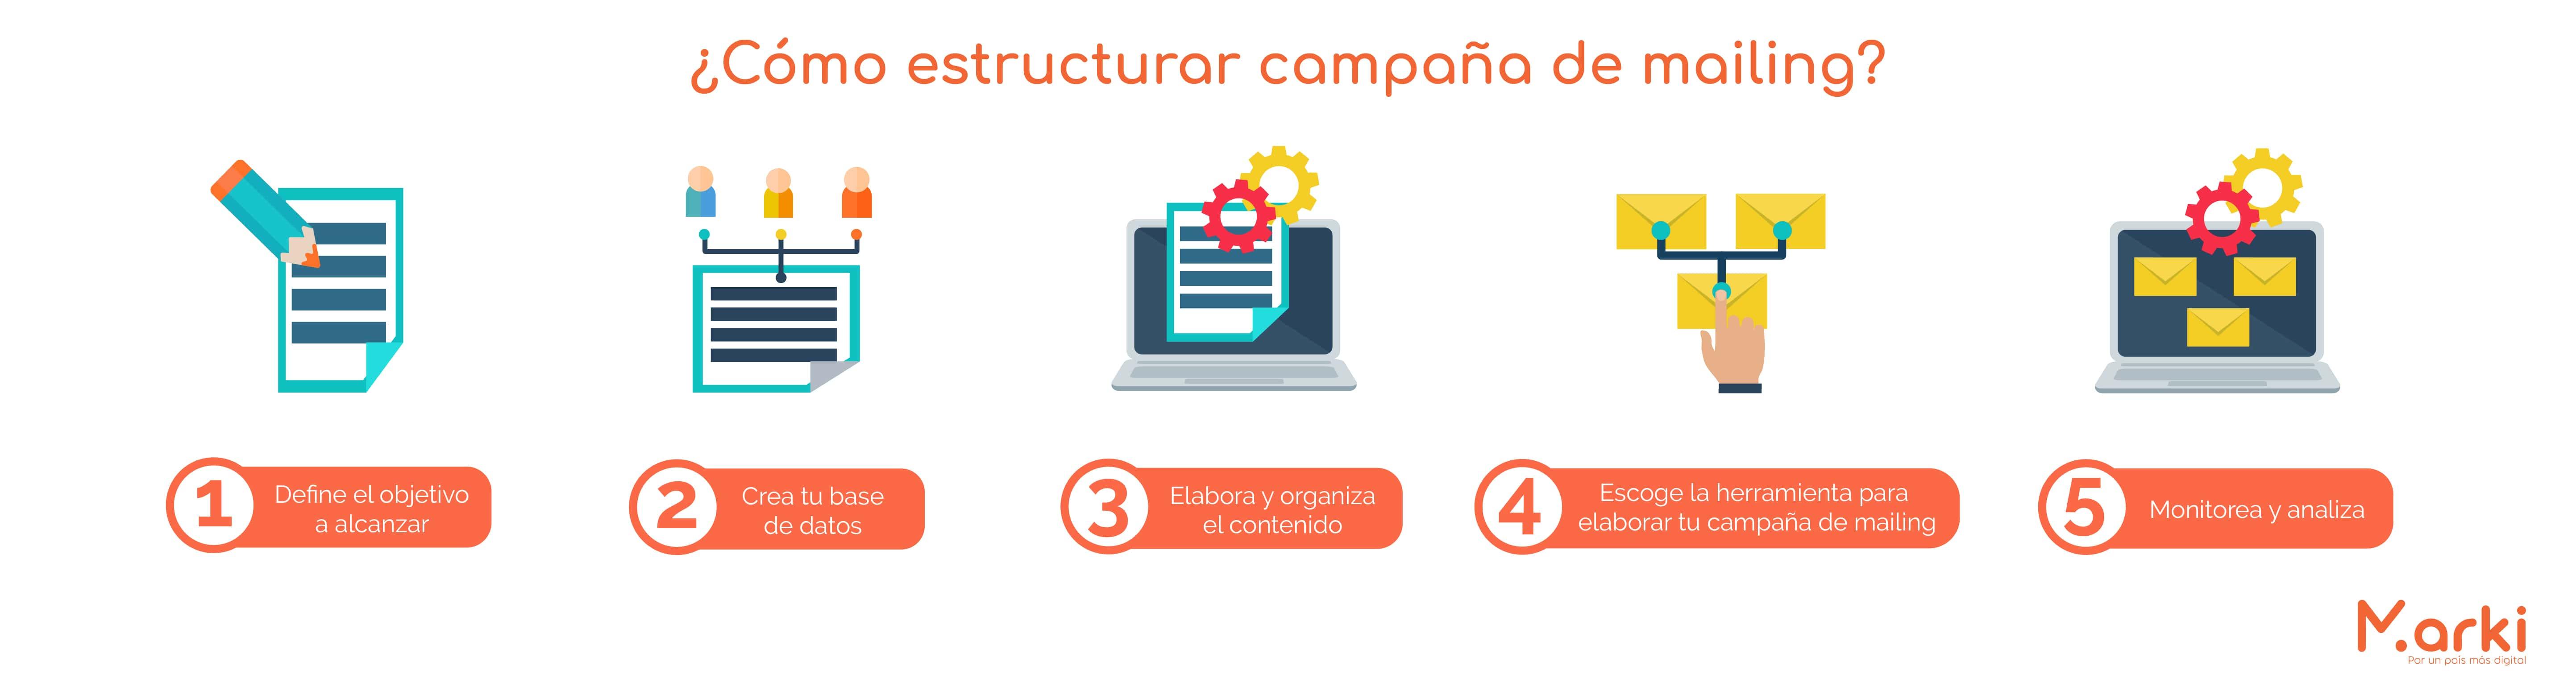 como hacer email marketing gratis campañas de mailing diseño marki voluntariado marki